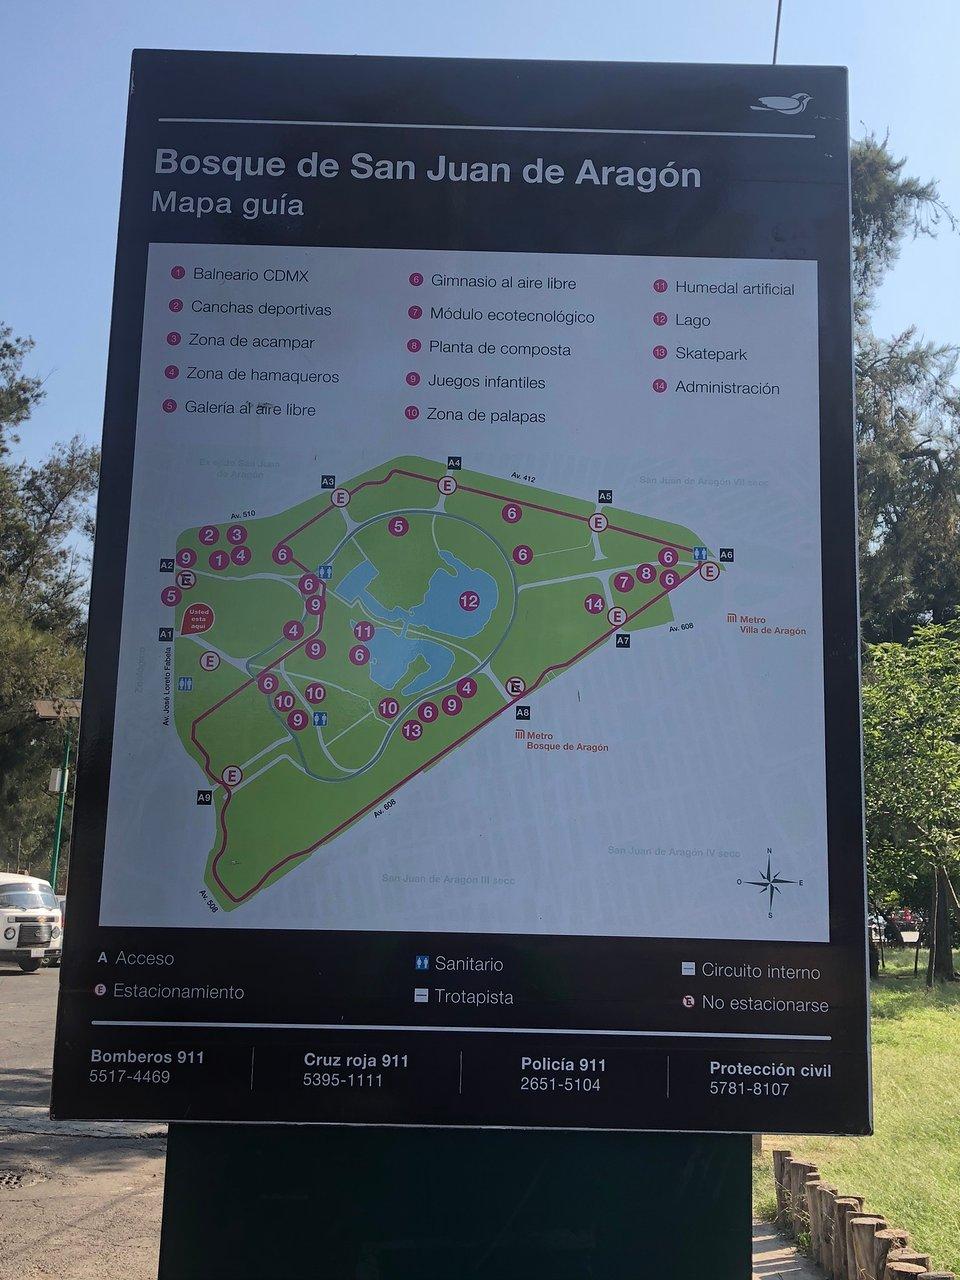 Bosque De San Juan De Aragon Mexico City 2020 All You